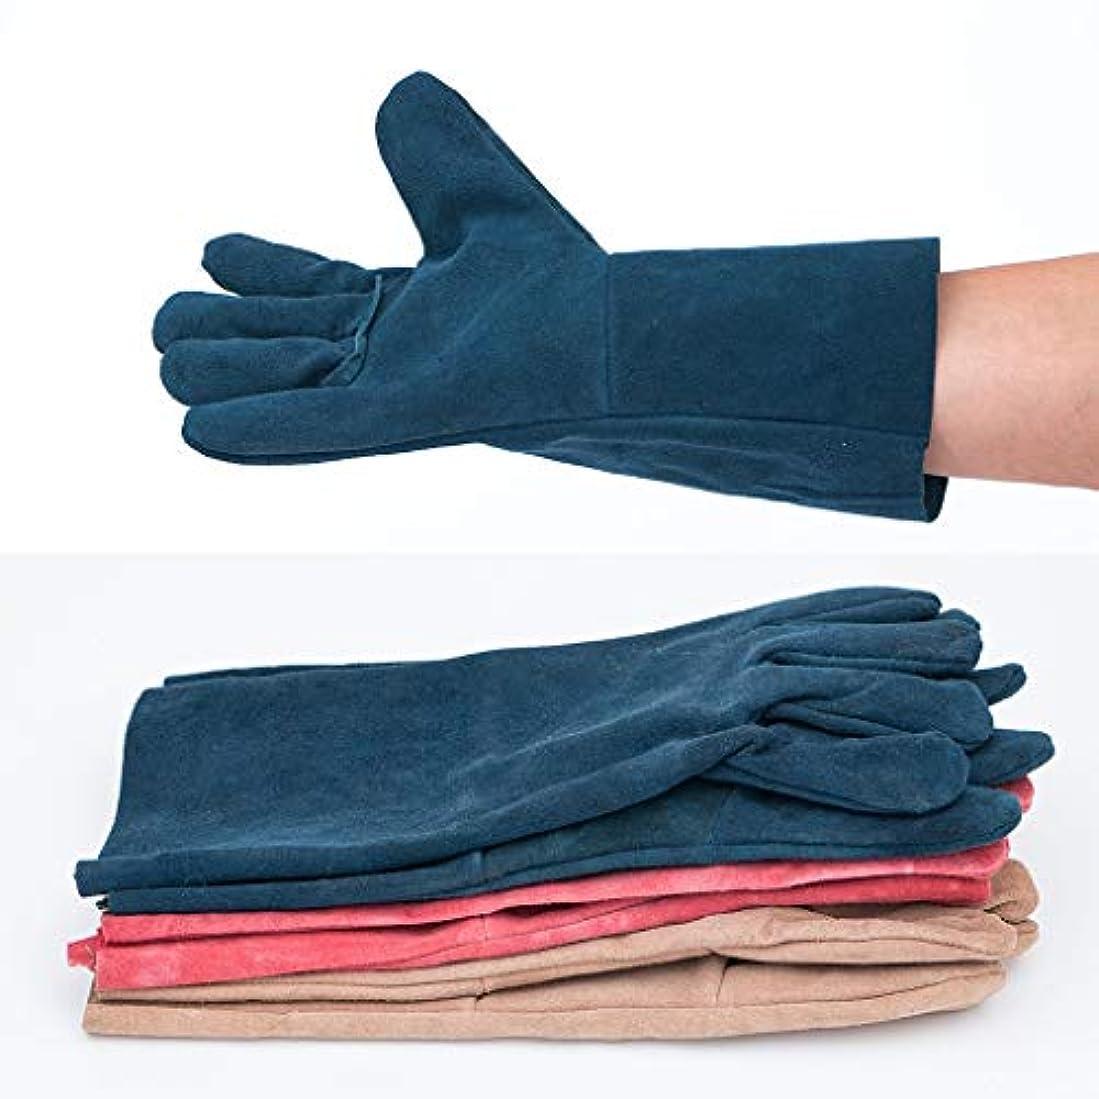 主張する不純スピーカーTIG溶接機保護手袋および長革手袋、耐摩耗性絶縁およびやけ防止、33 cm、10ペア、ランダムカラー SHWSM